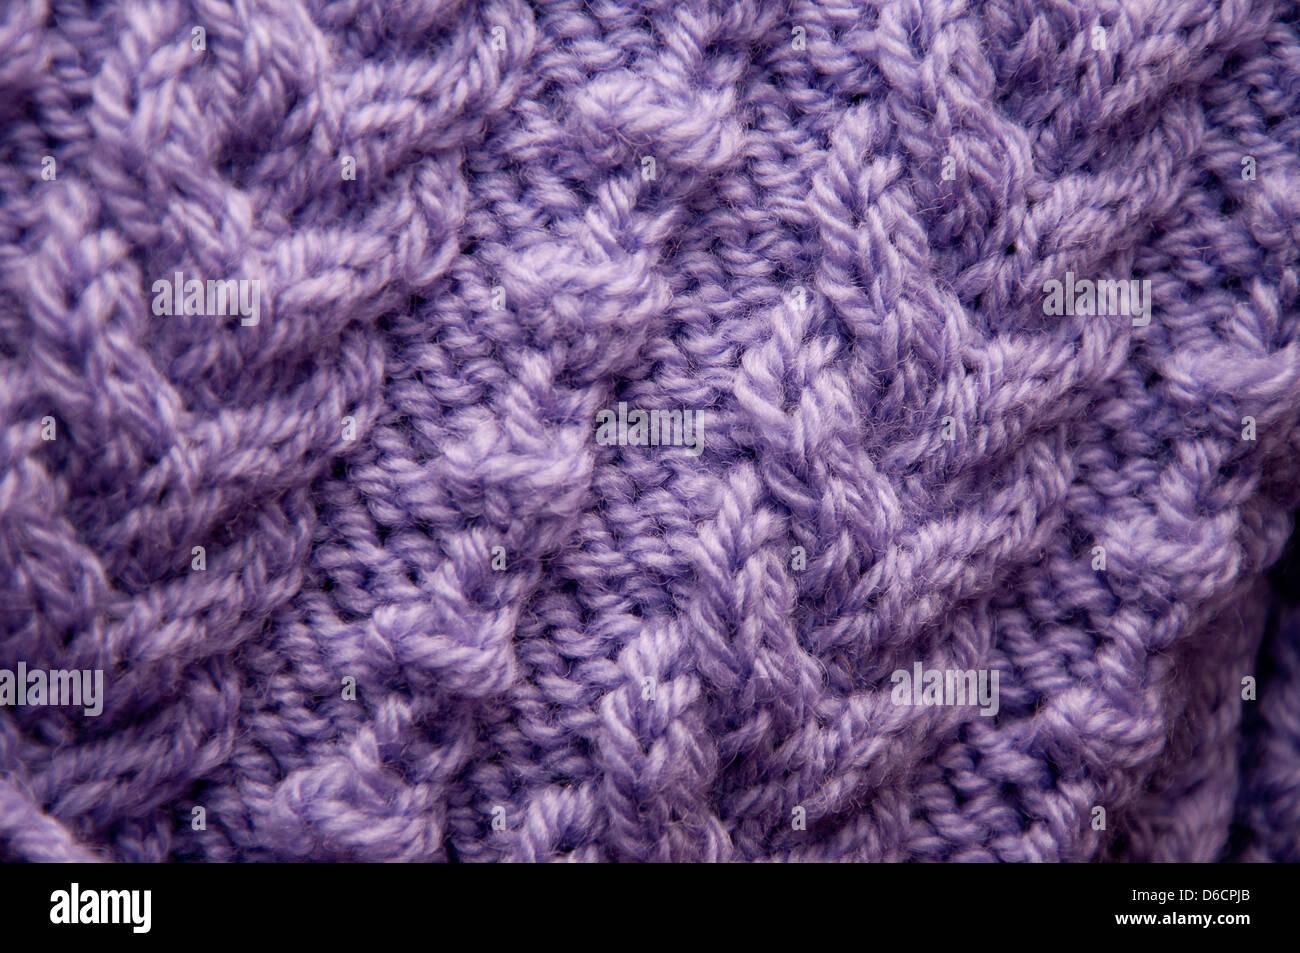 Vêtement en bonneterie de laine en close up, texture, détail, résumé, côté allumé, Photo Stock